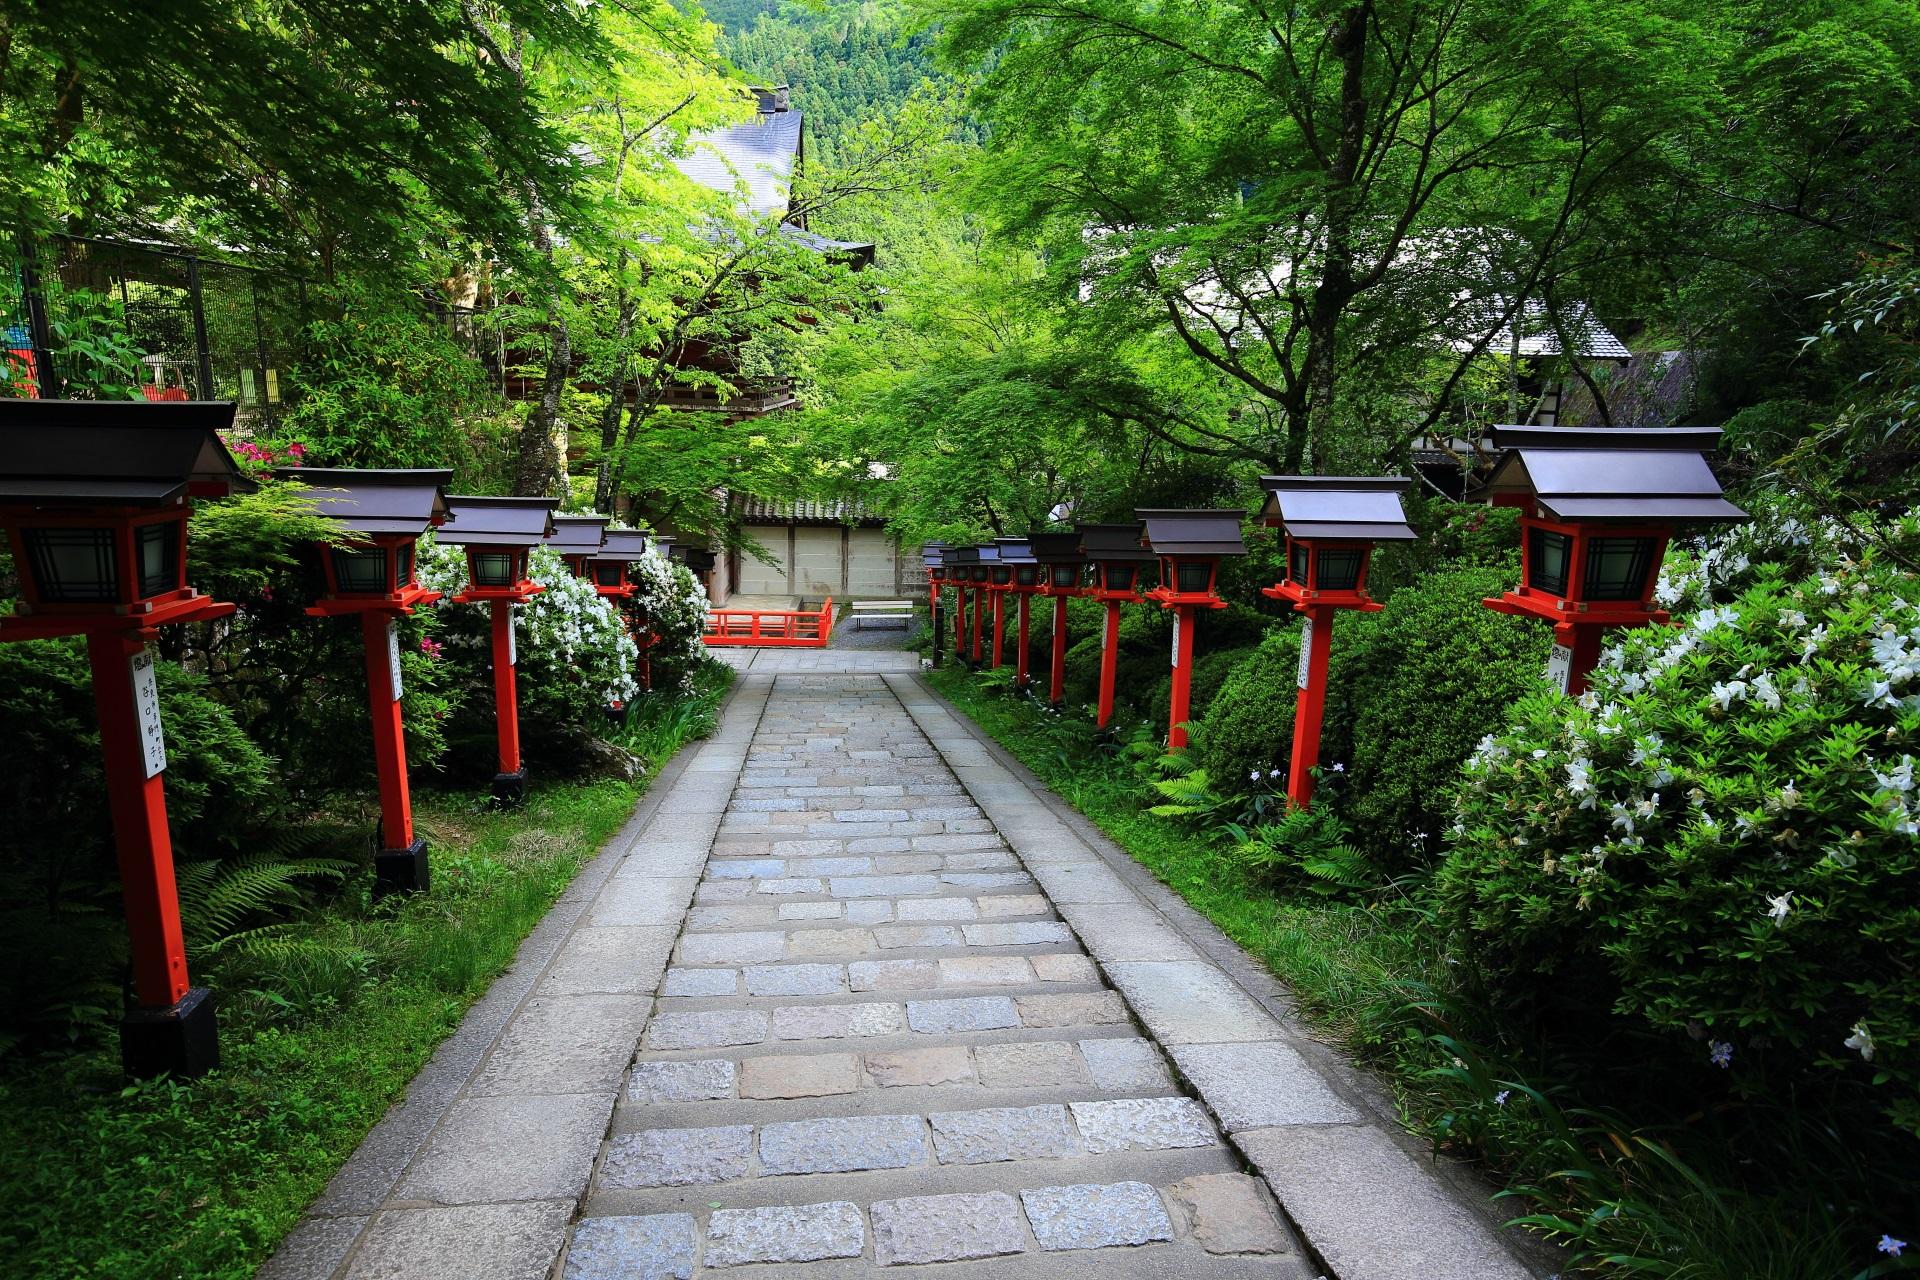 風情ある参道と美しい緑